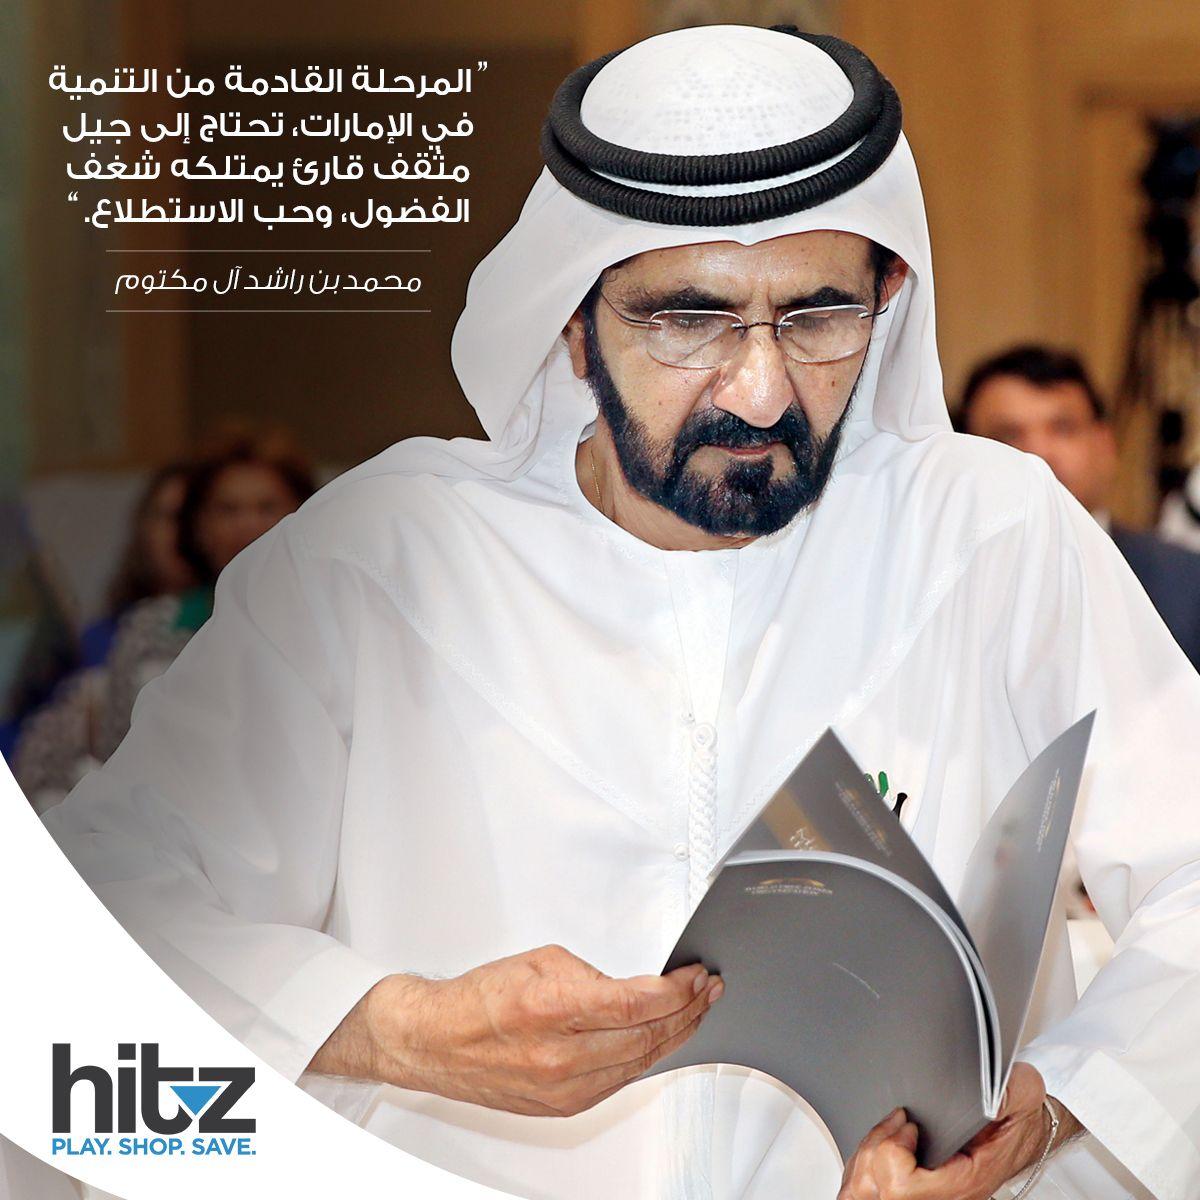 من أقوال صاحب السمو محمد بن راشد آل مكتوم حفظه الله عام القراءة الإمارات دبي Quotes